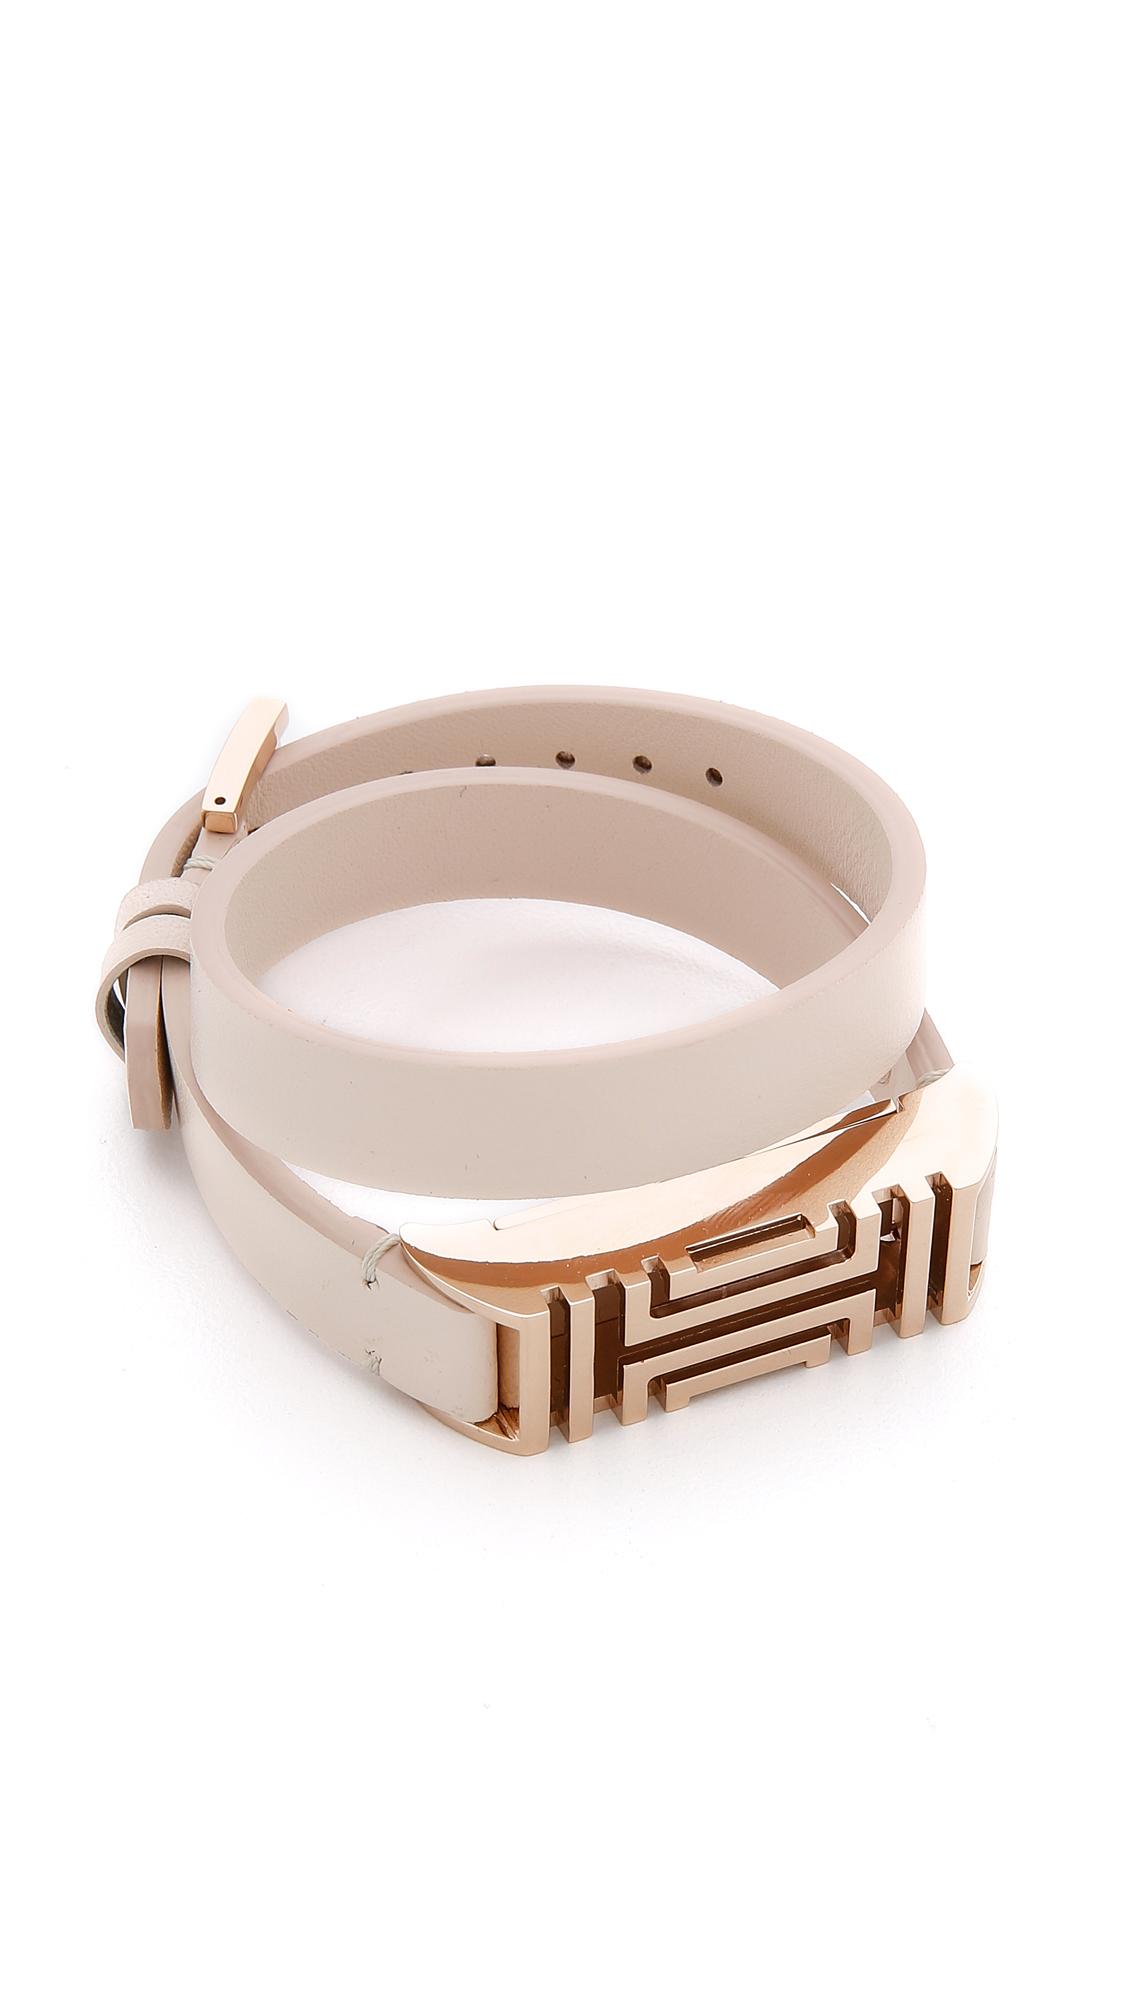 e9ee298bd92 Lyst - Tory Burch For Fitbit Fret Double Wrap Bracelet - Light Oak ...